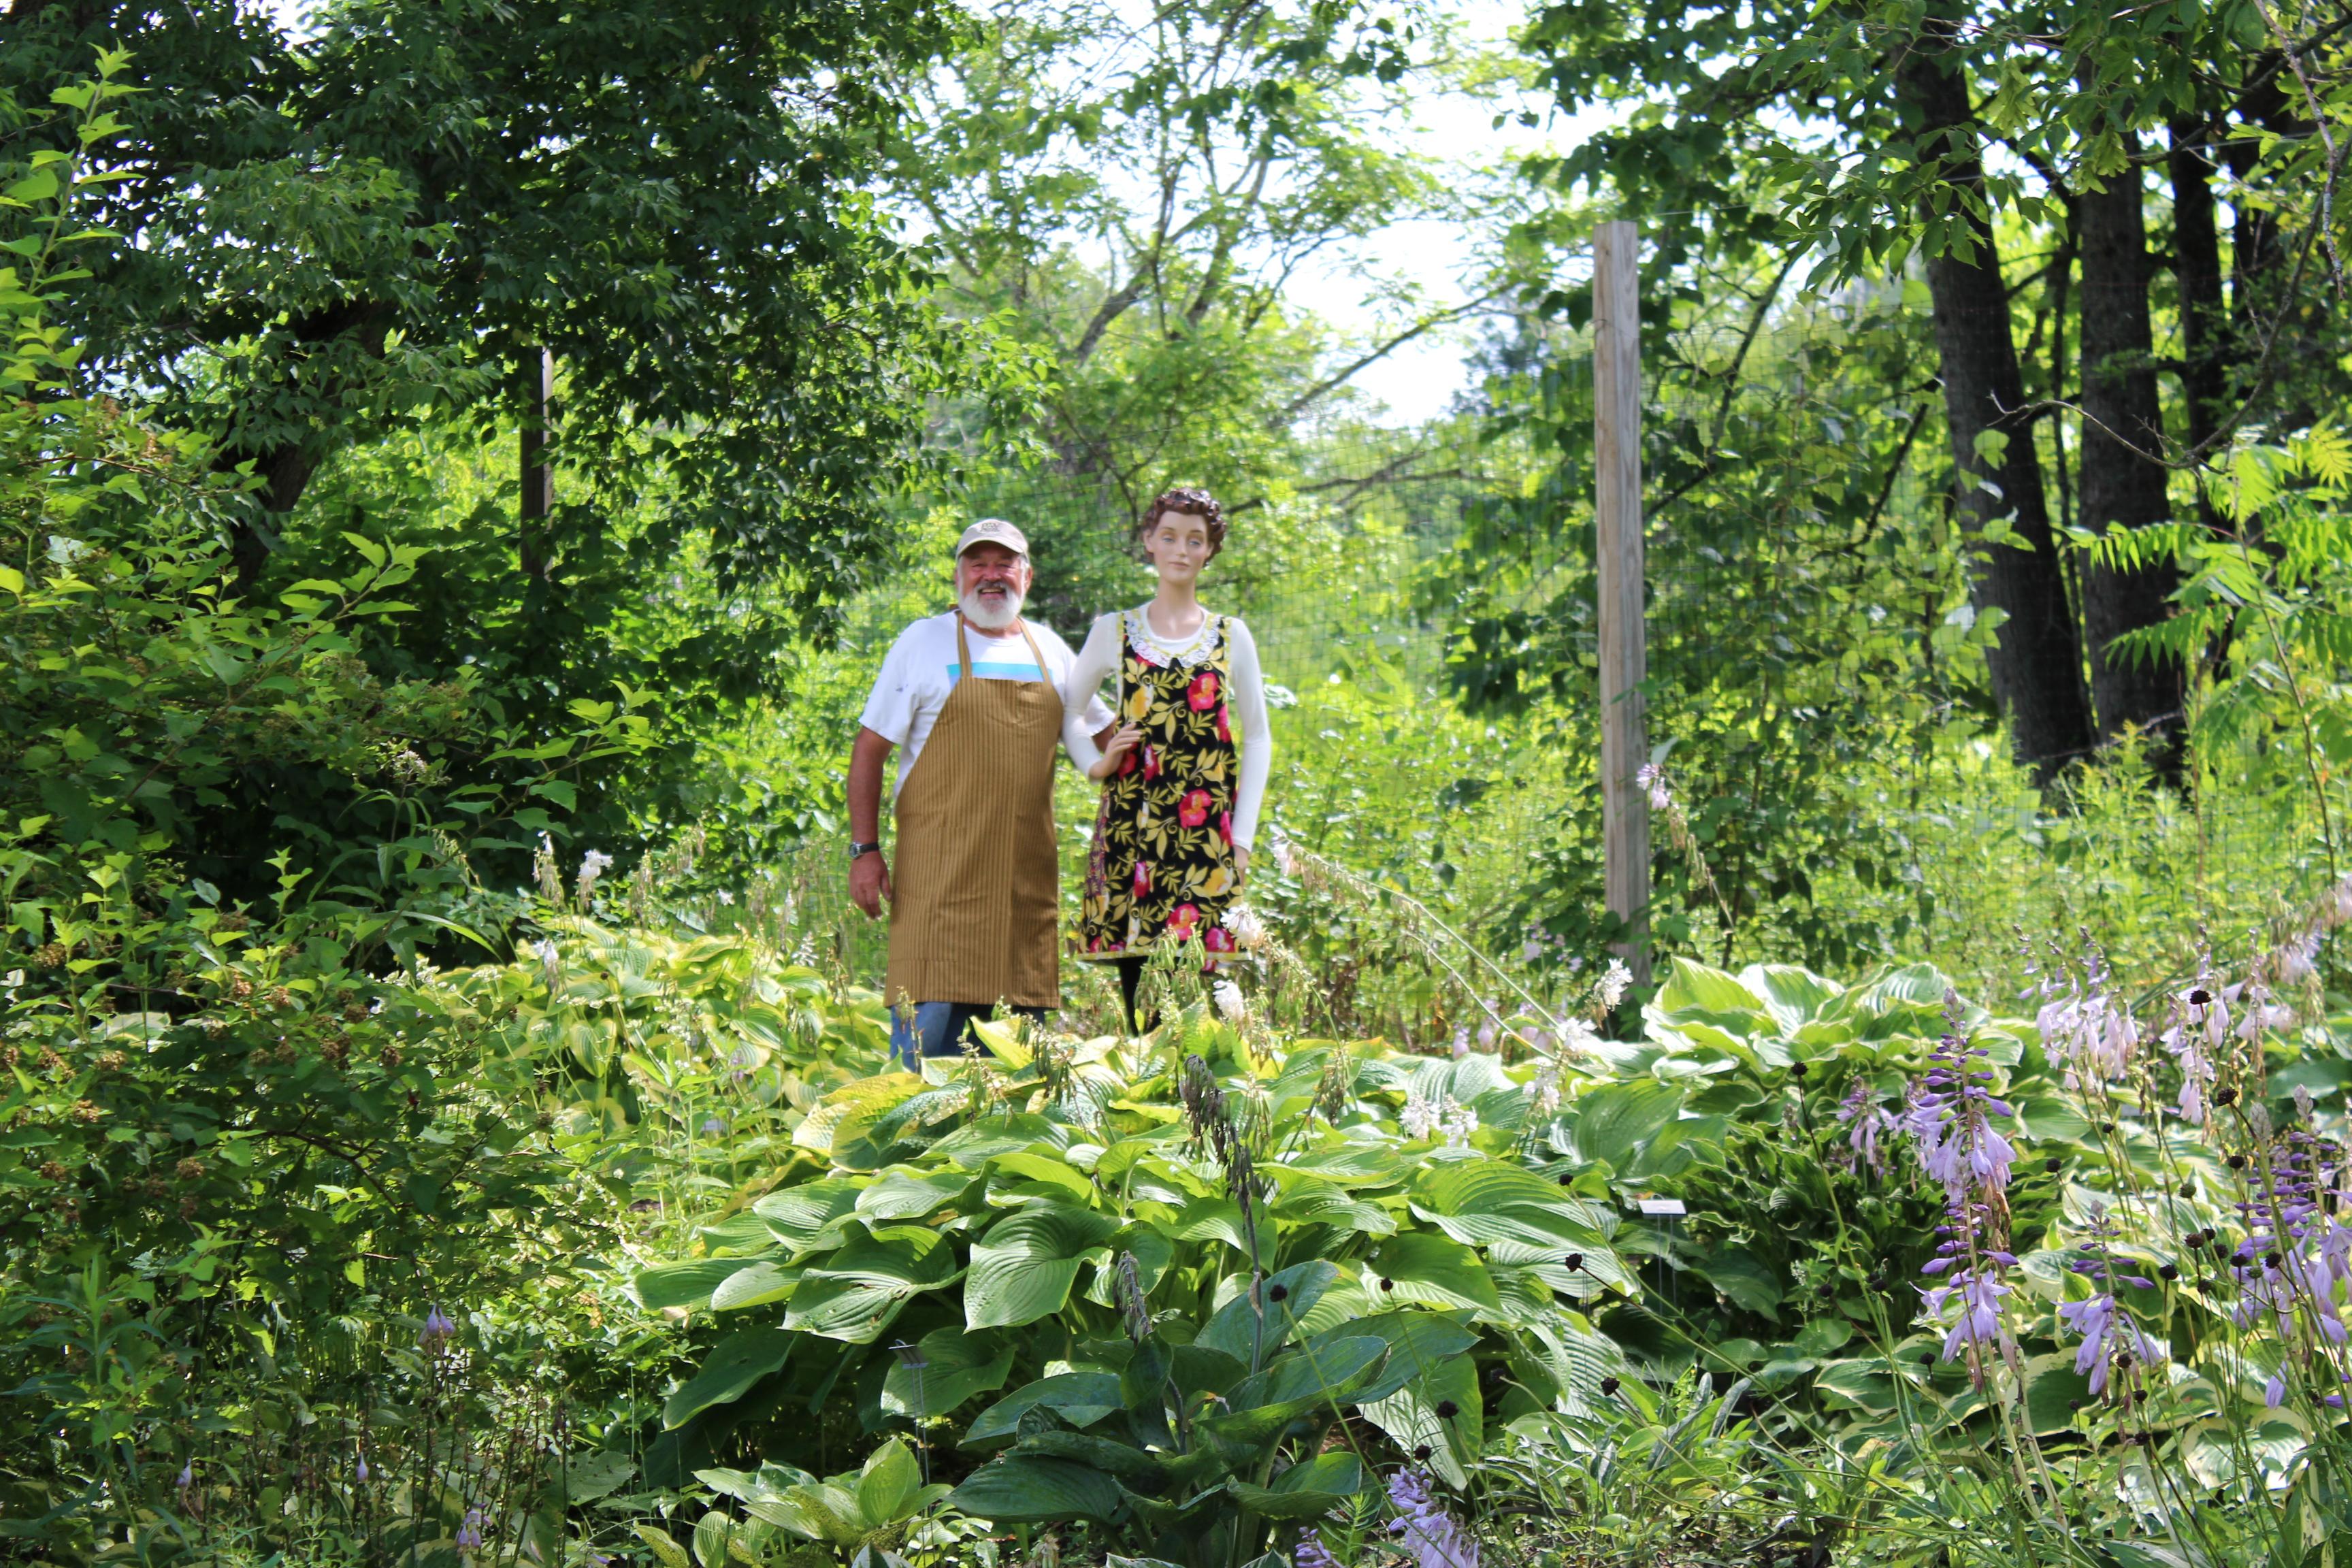 The Vermont Flower Farm's Hosta Garden